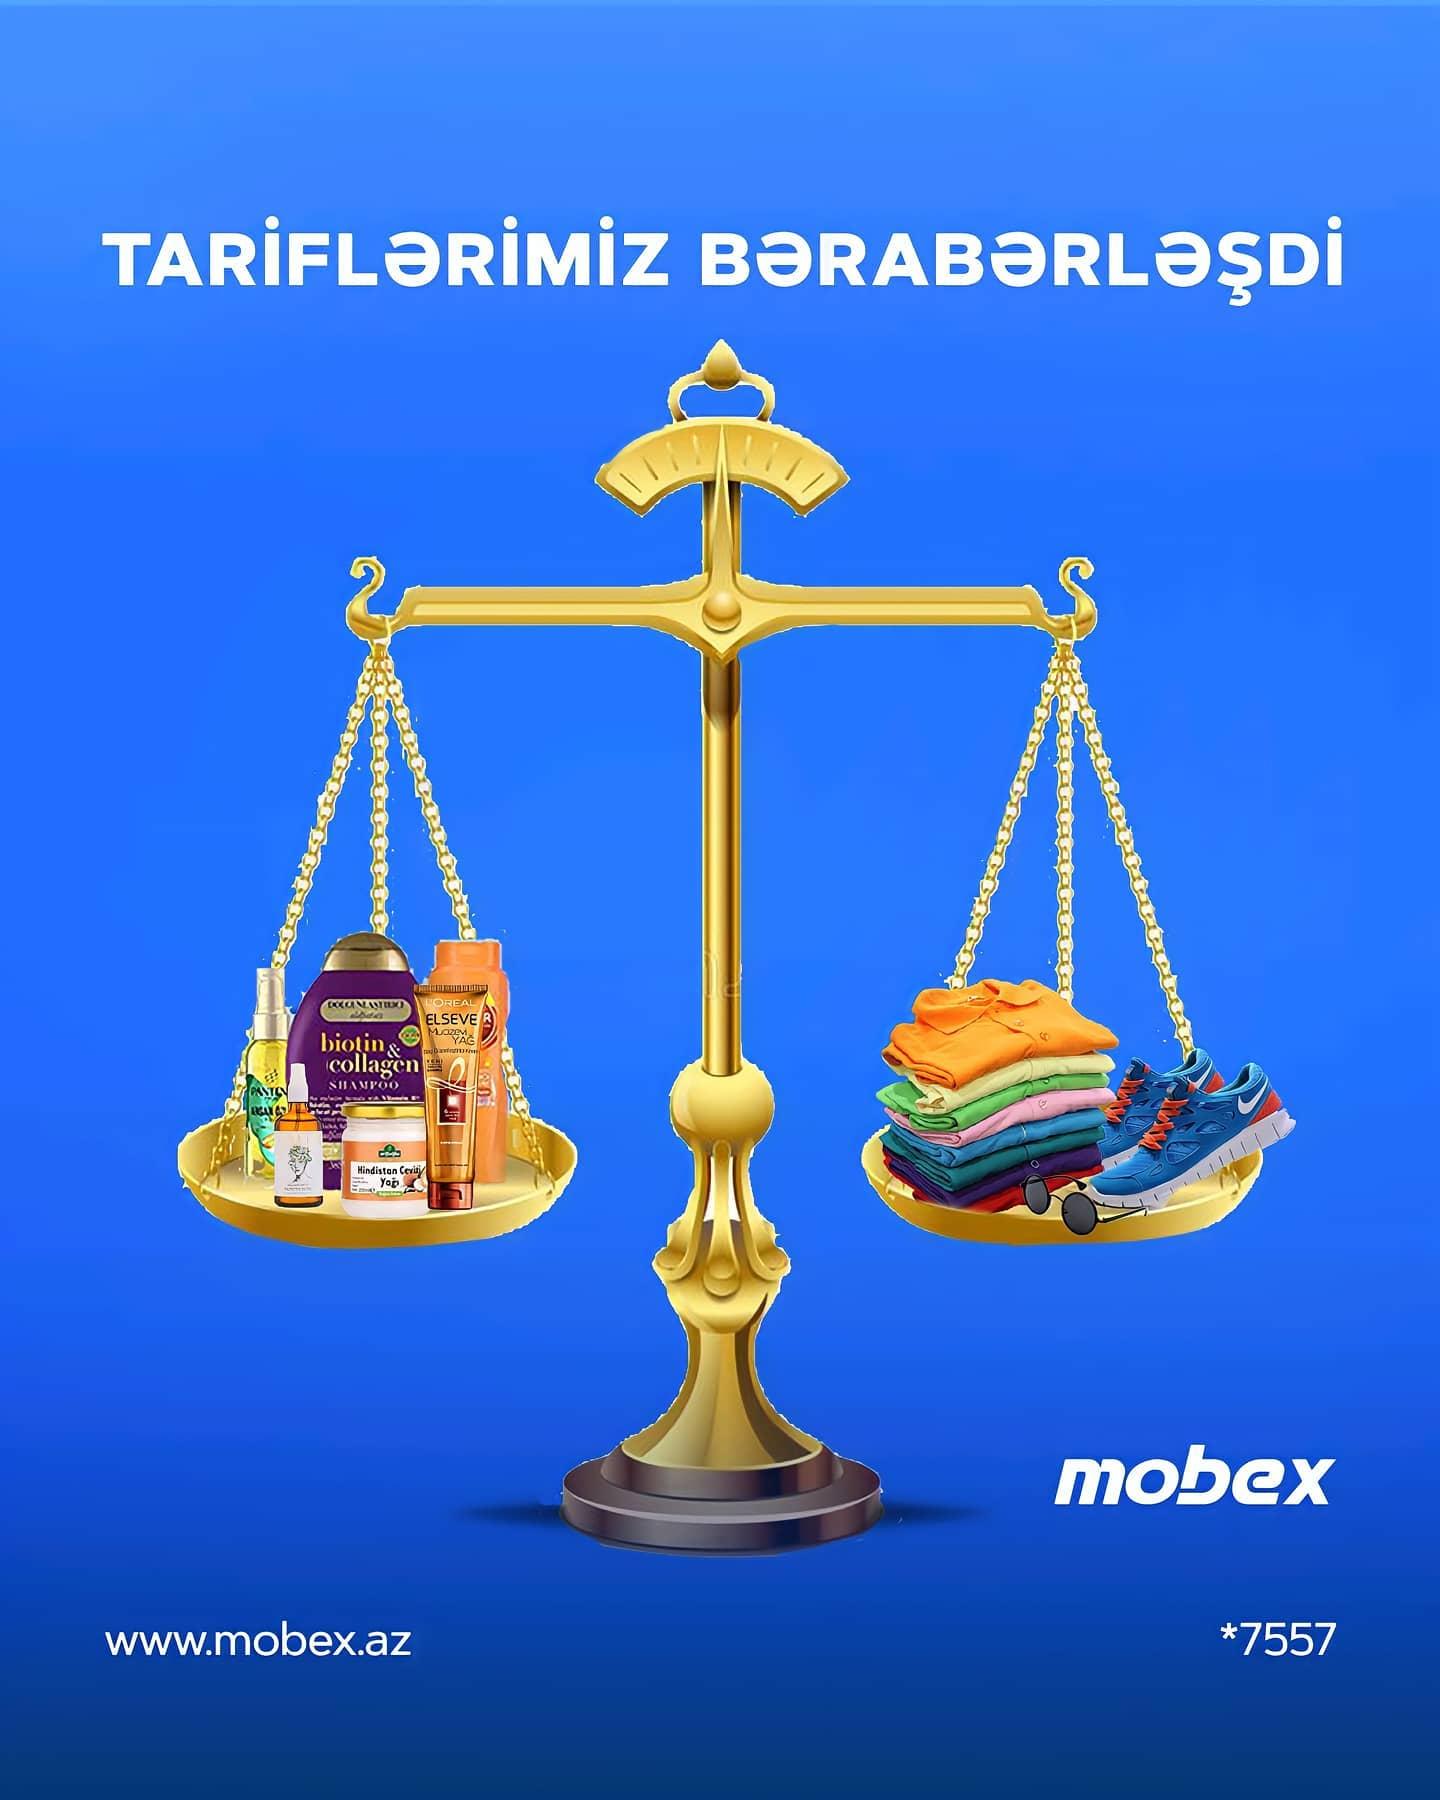 TARİFLƏRİMİZ BƏRABƏRLƏŞDİ